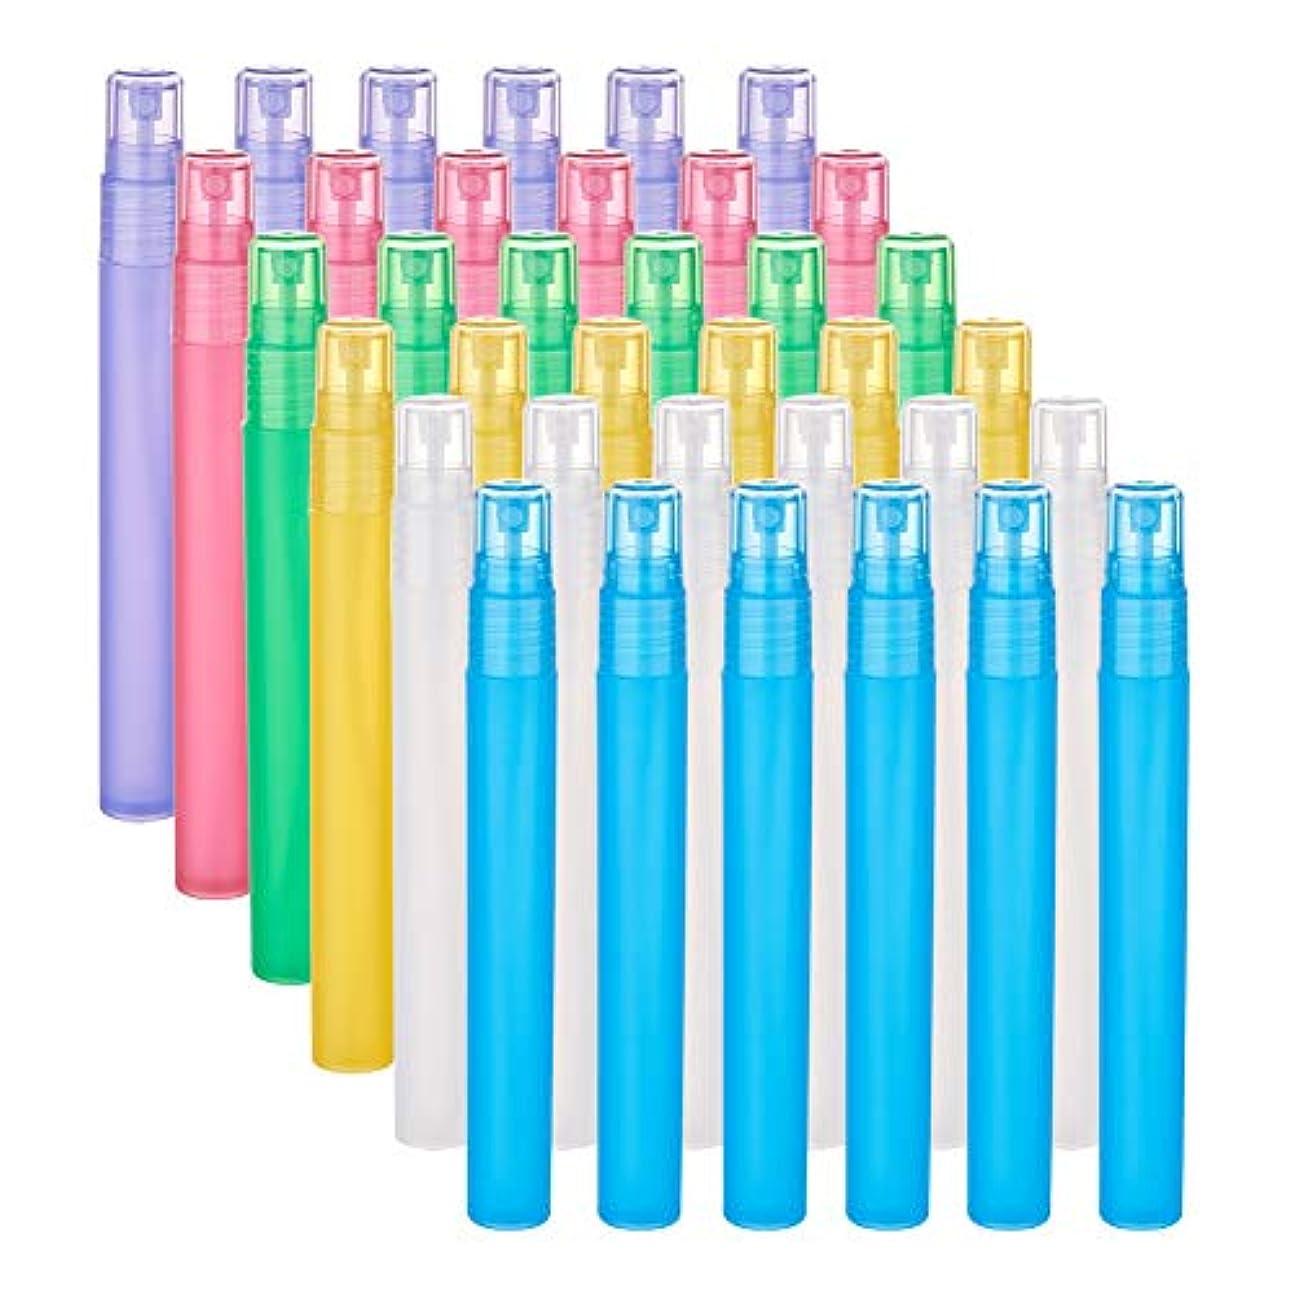 捨てるセーターシャックルBENECREAT 24個セット15ml香水スプレーボトル 6種色 プラスティック製 極細ミスト 香水 化粧水 コスメ小分けボトル 詰め替え